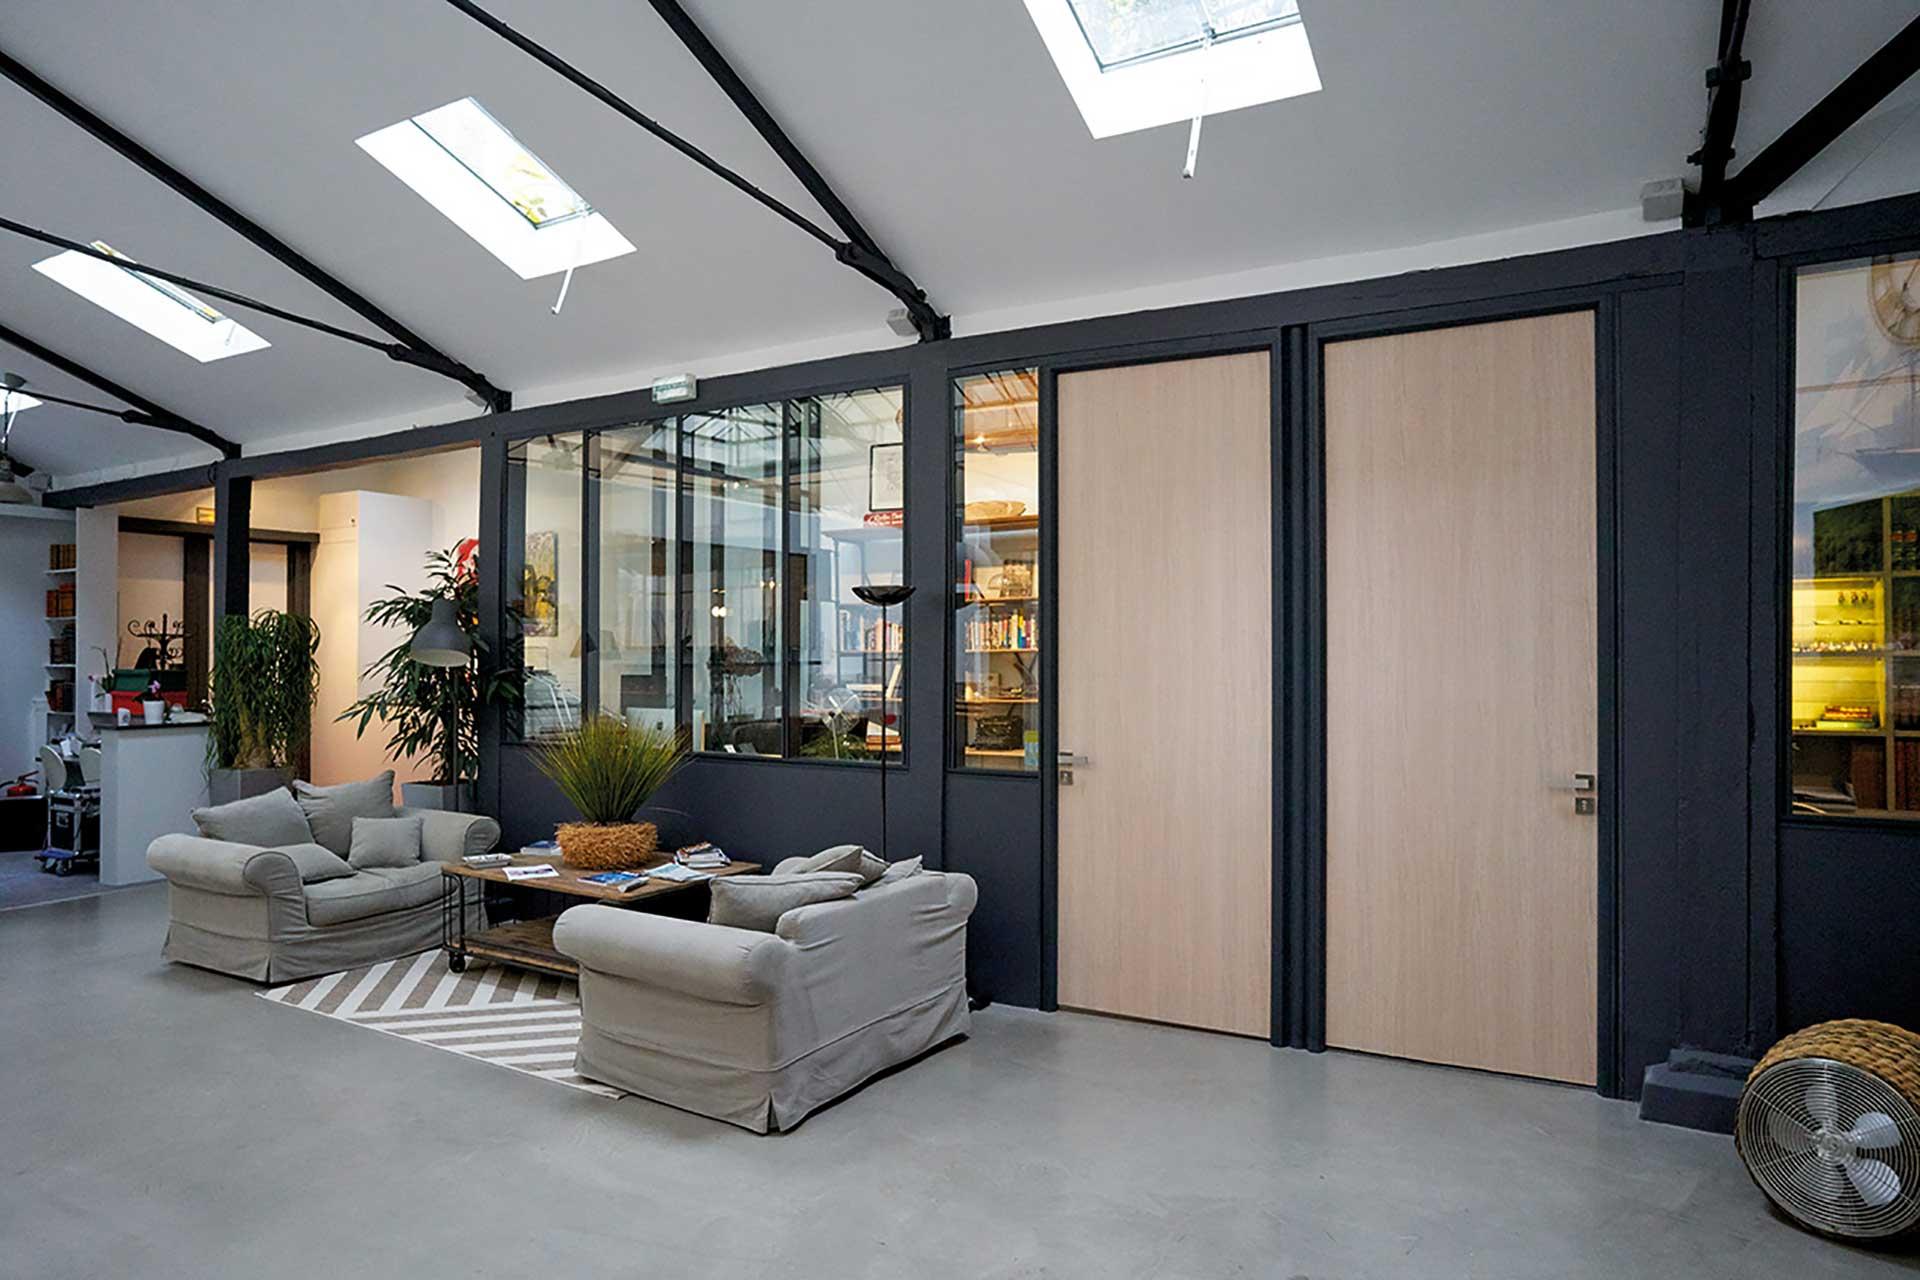 Cloisons amovibles blocs portes simple tout hauteur pleine